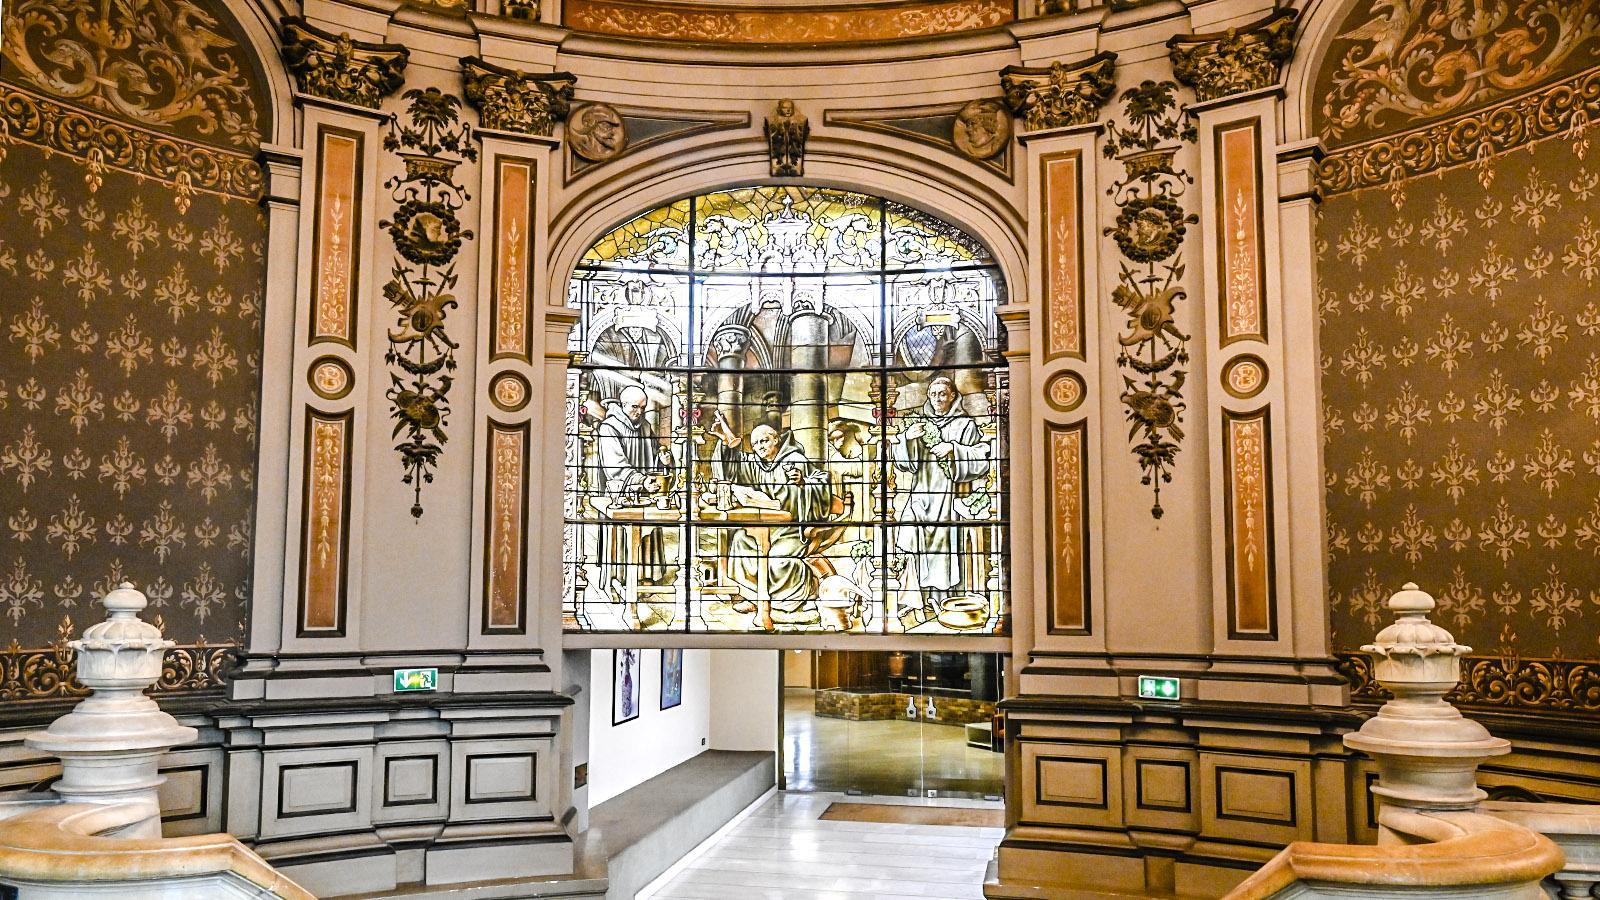 So beginnt der Rundgang im Palais Bénédictine. Jeder Raum ist in einem anderen Stil gestaltet. Mal wie im Mittelalter, dann wie in der französischen oder italienischen Renaissance. Foto: Hilke Maunder